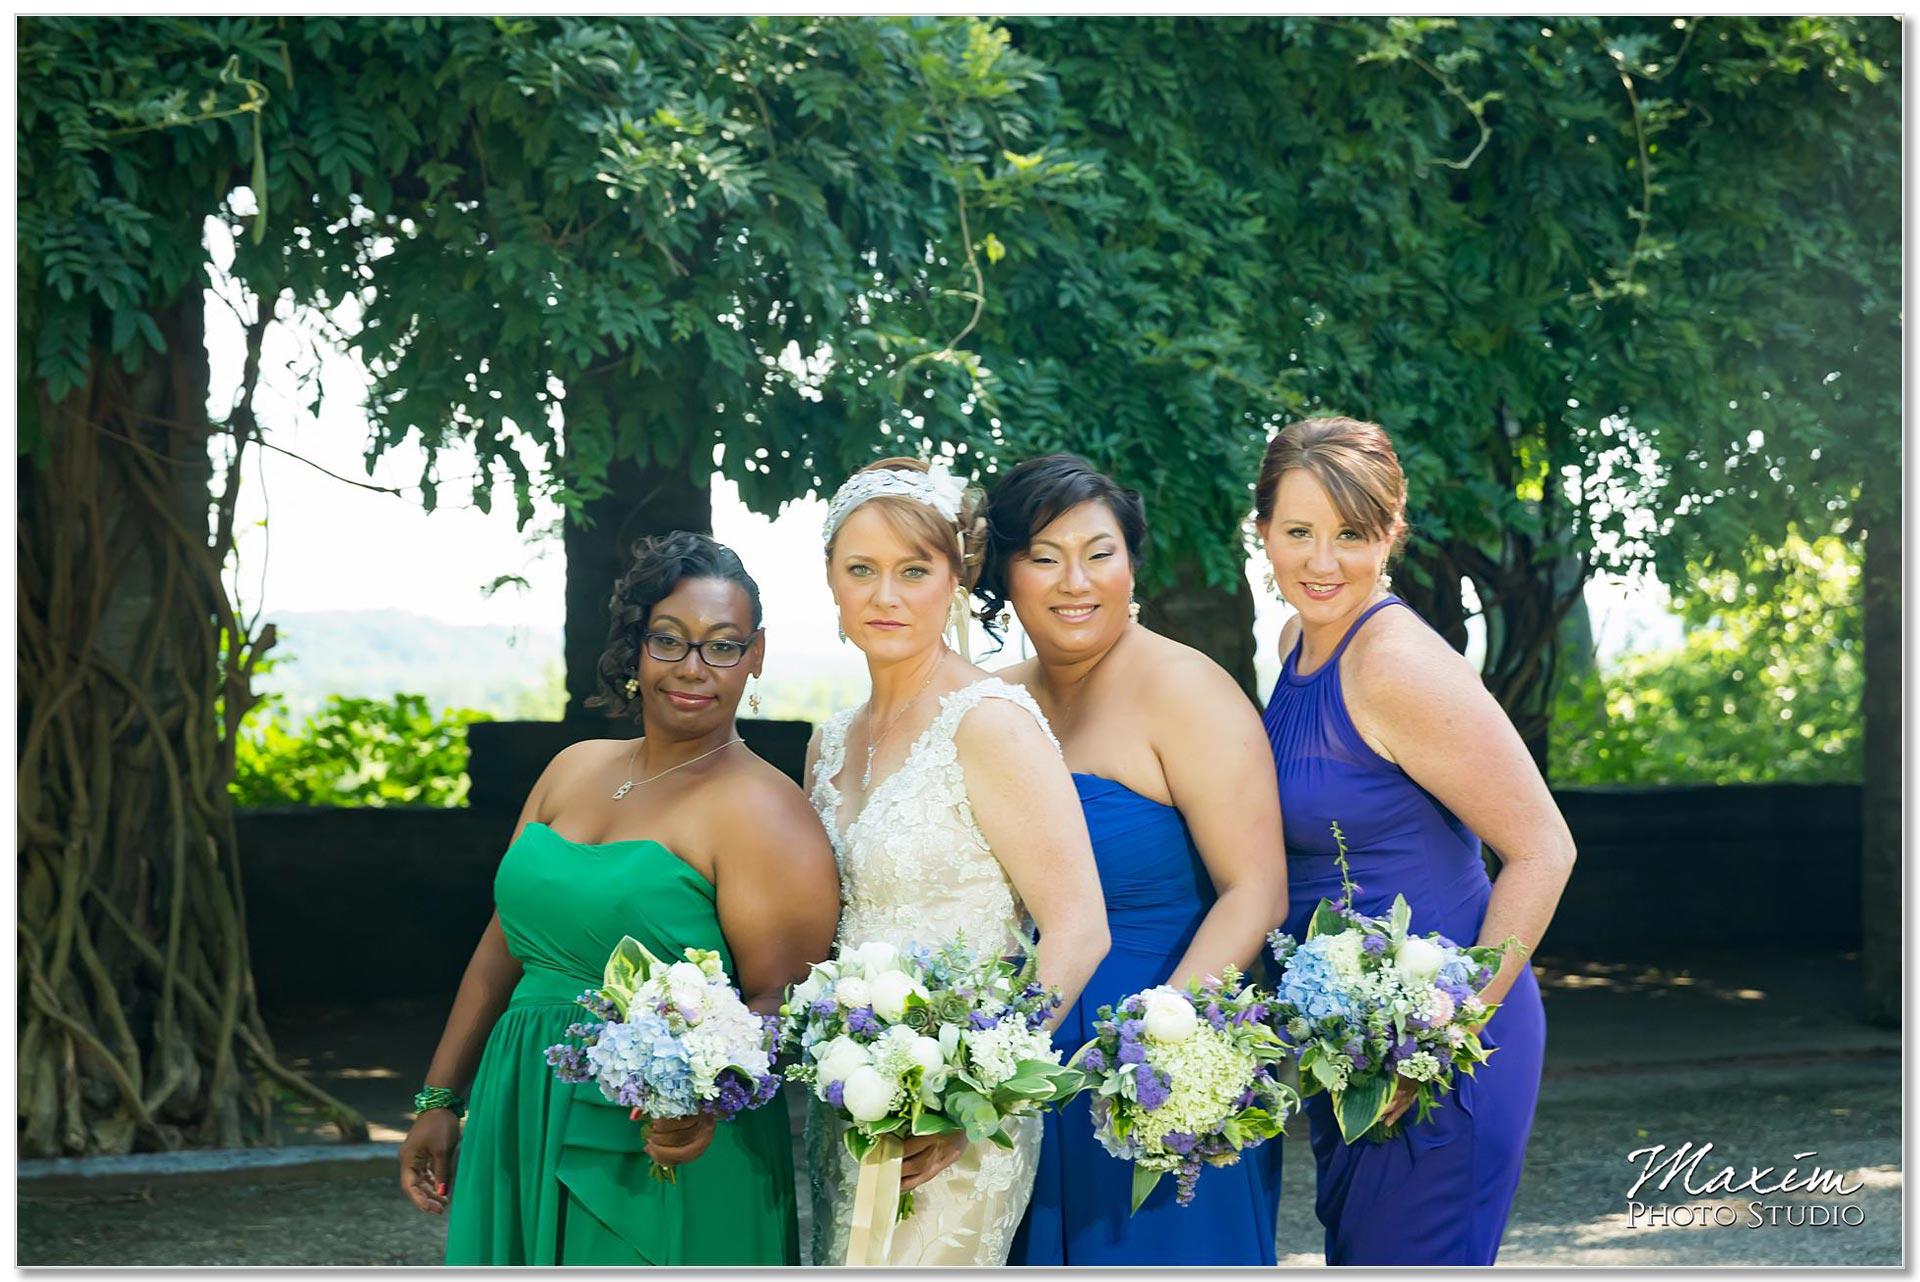 Bridesmaids Alms Park Cincinnati